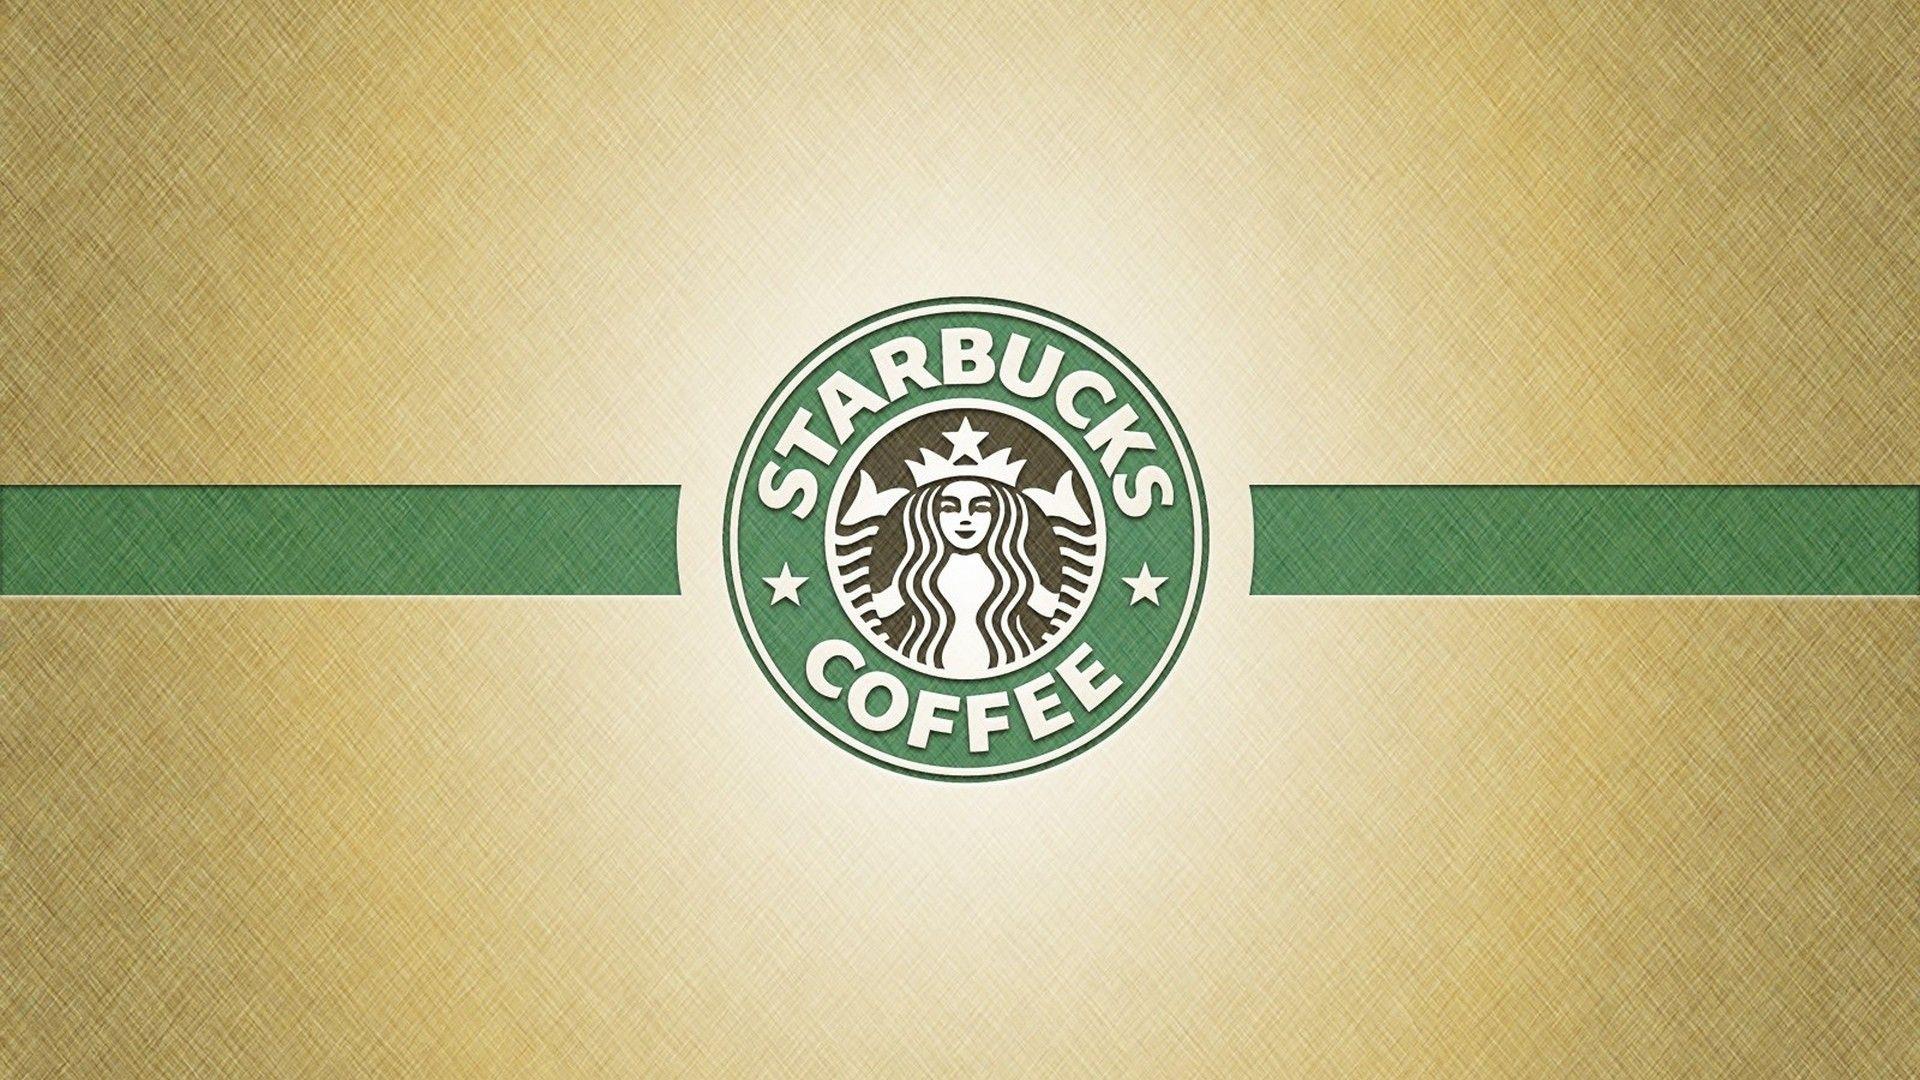 Cute Starbucks Wallpaper High Resolution 2021 Live Wallpaper Hd Starbucks Wallpaper Coffee Wallpaper Iphone Apple Watch Wallpaper